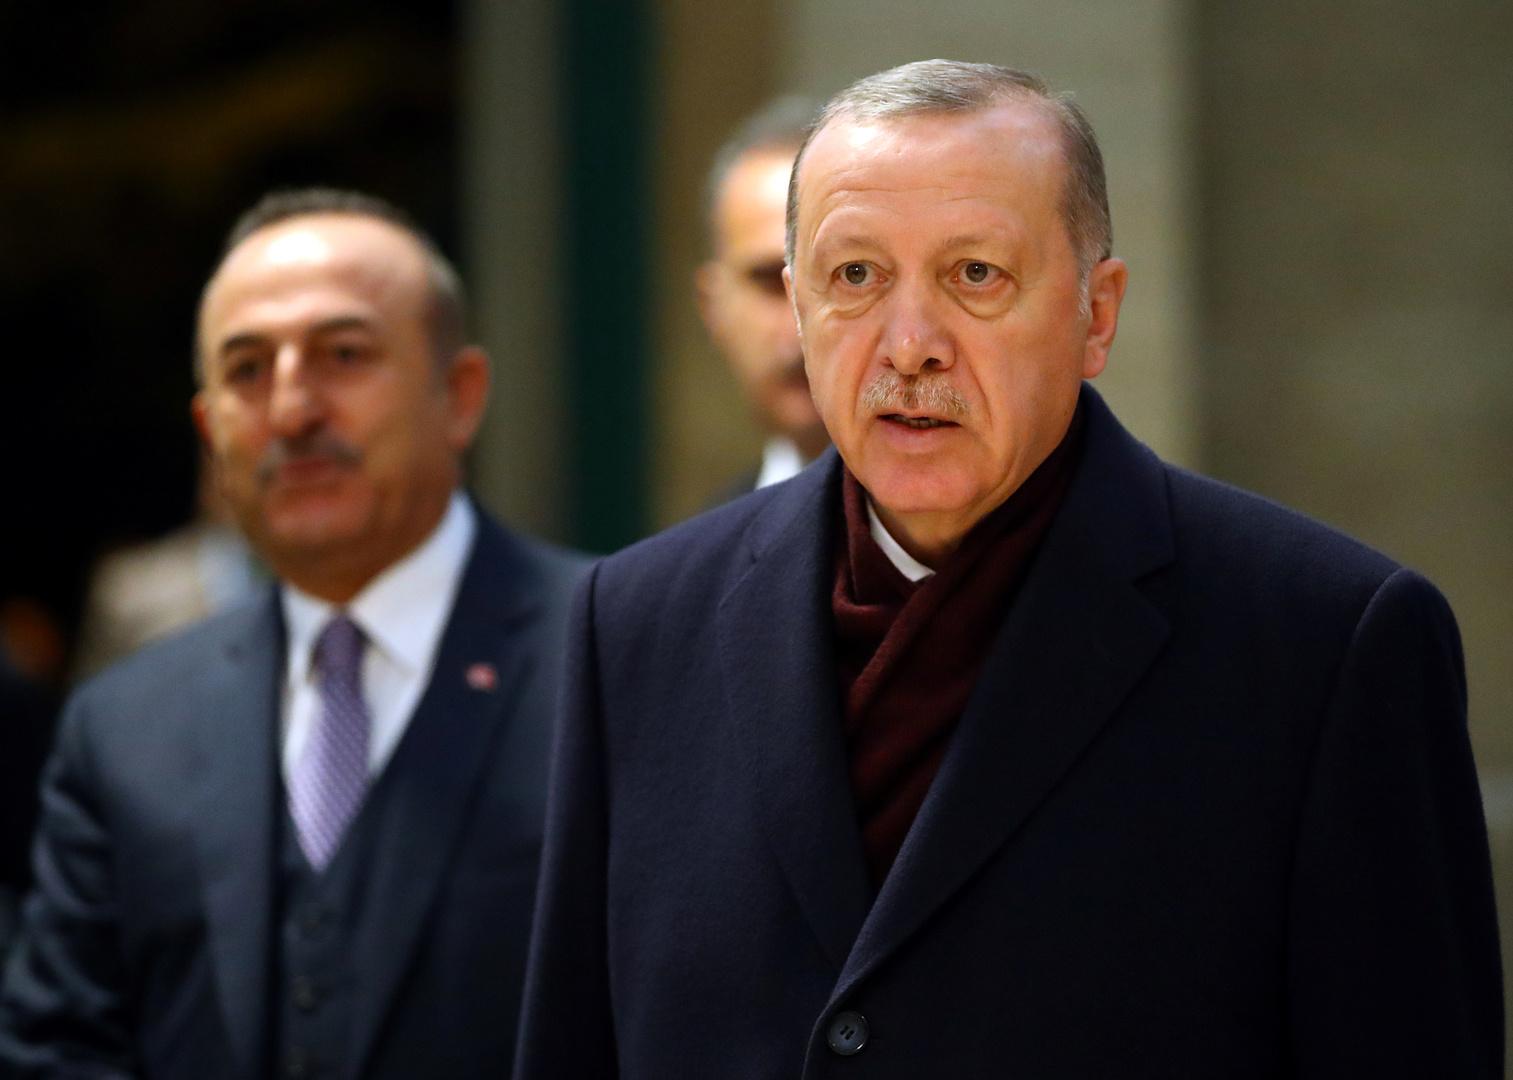 أردوغان: الأولوية  للاتحاد الأوروبي ضمن أجندة تركيا التي ترى مستقبلها فيه